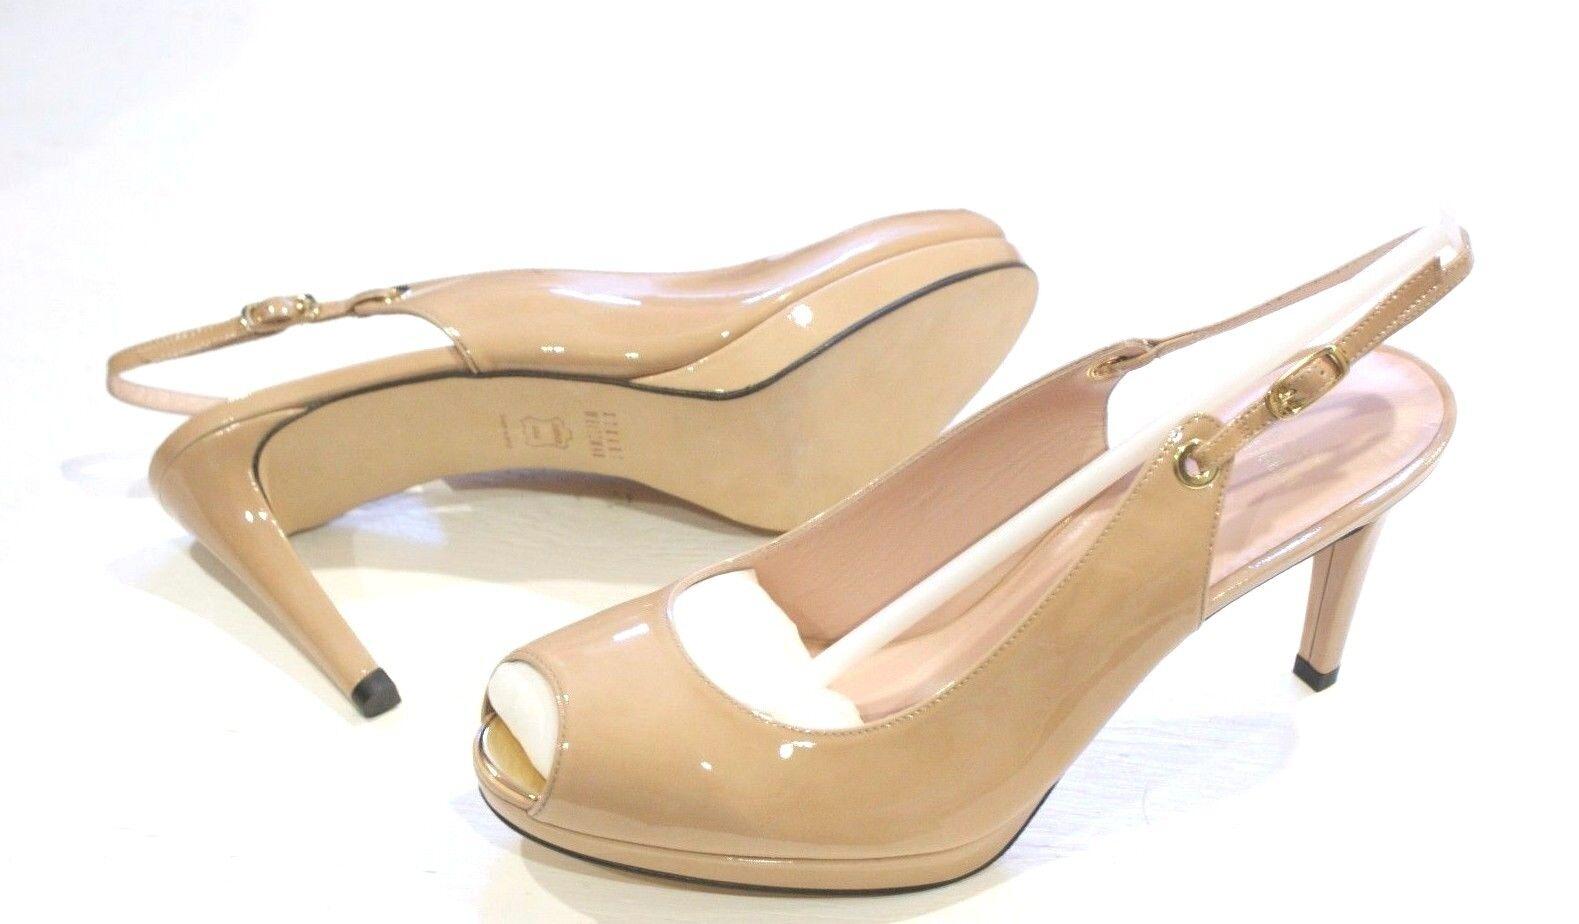 385 Stuart Weitzman es patente Slingback zapatos zapatos zapatos de tacón de plataforma para mujer 11 Nuevo  calidad garantizada